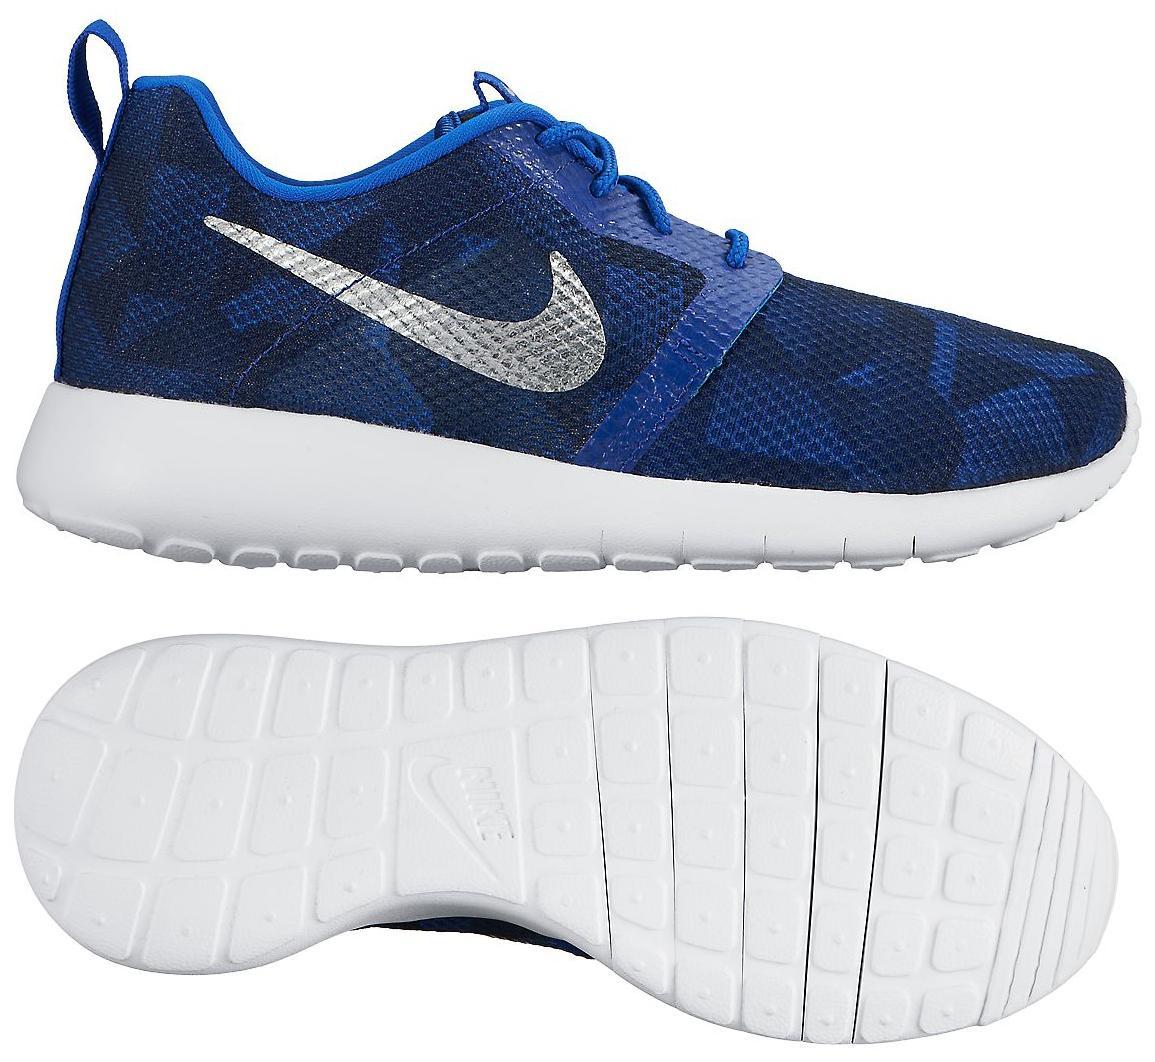 Nike Roshe One Flight Weight Blå/Navy/Vit Barn